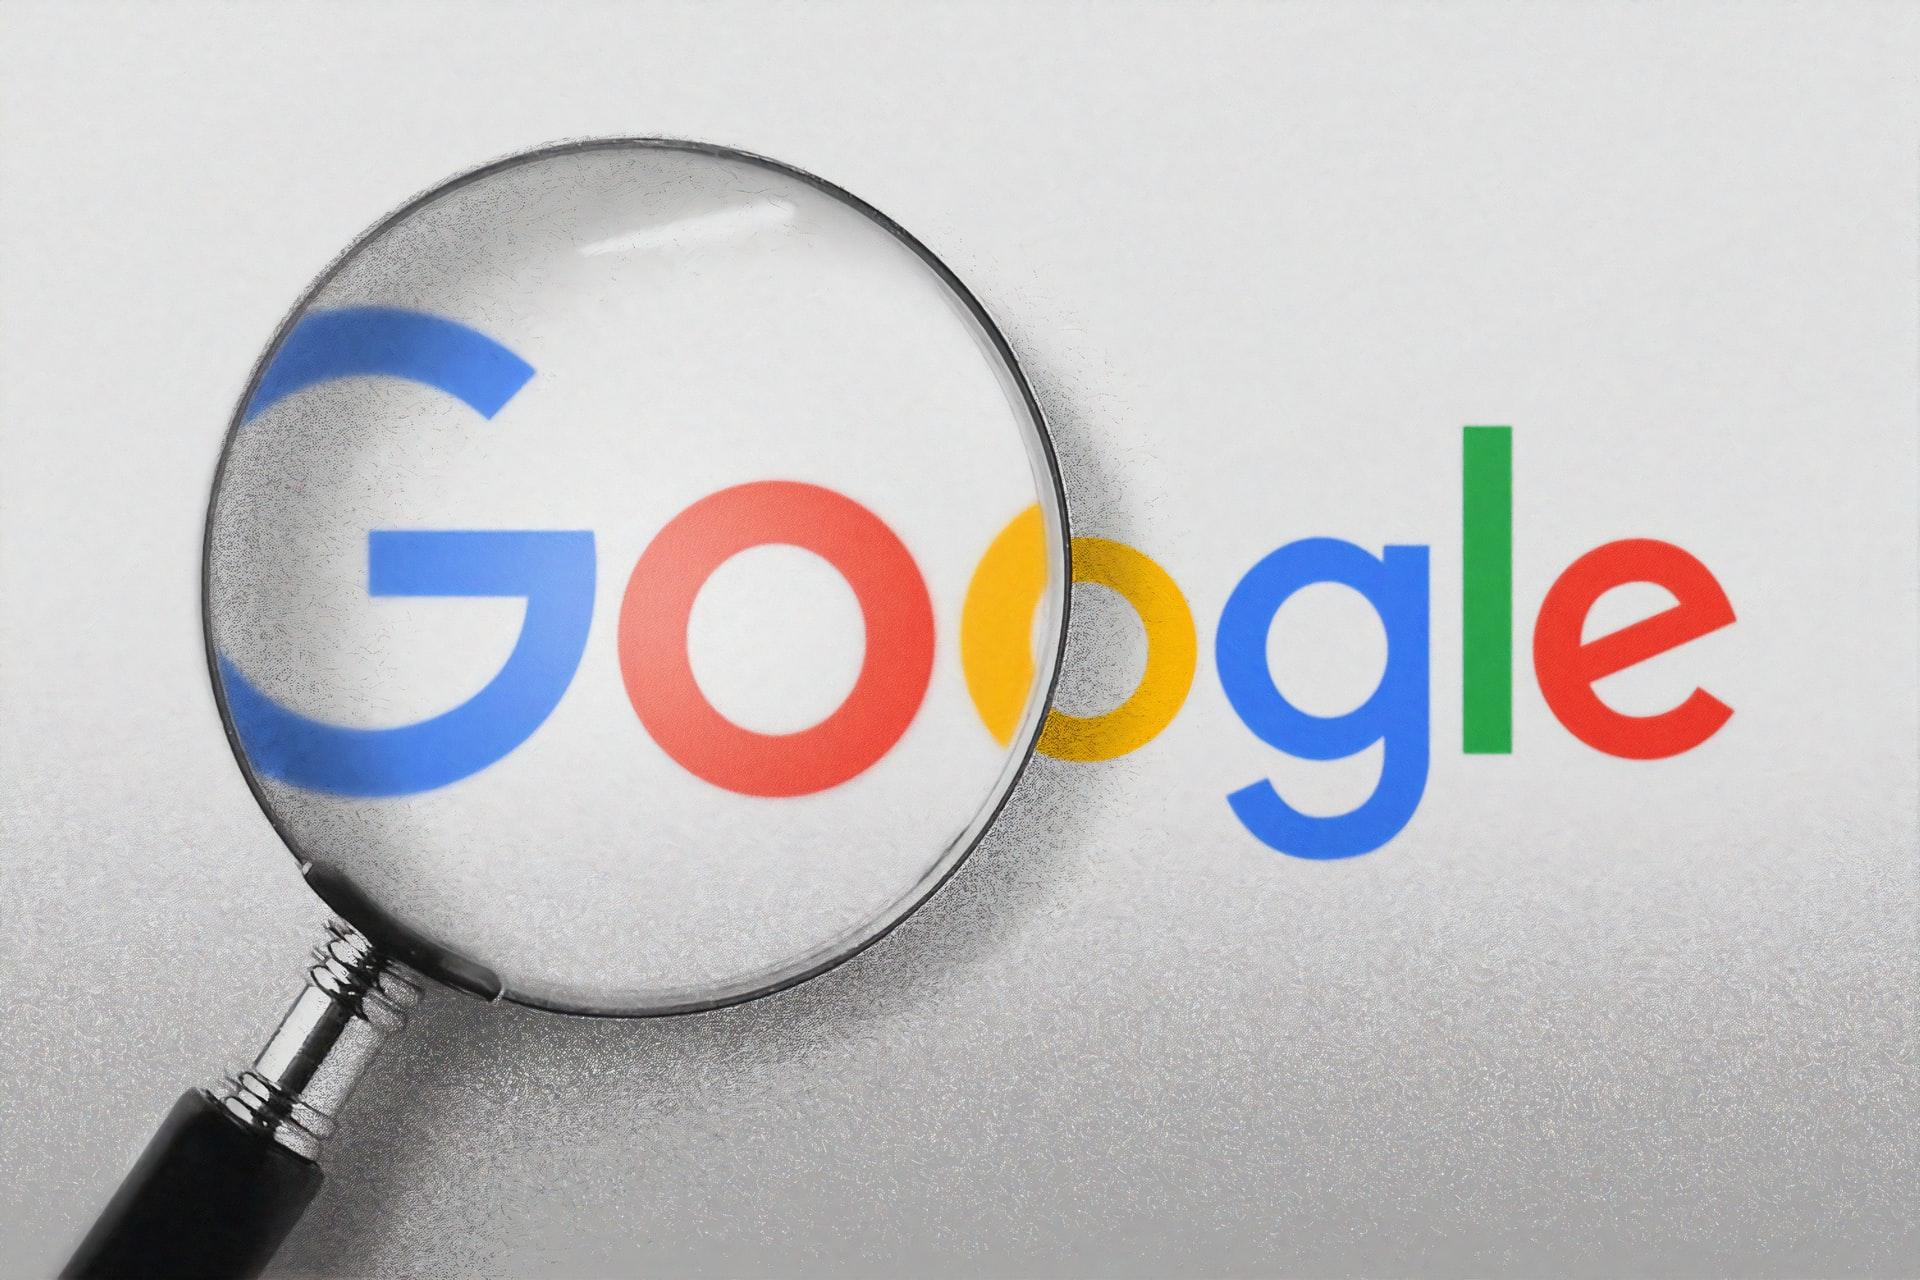 [Из песочницы] Как поисковики Google и Yandex мешают открыть иностранный банковский счет